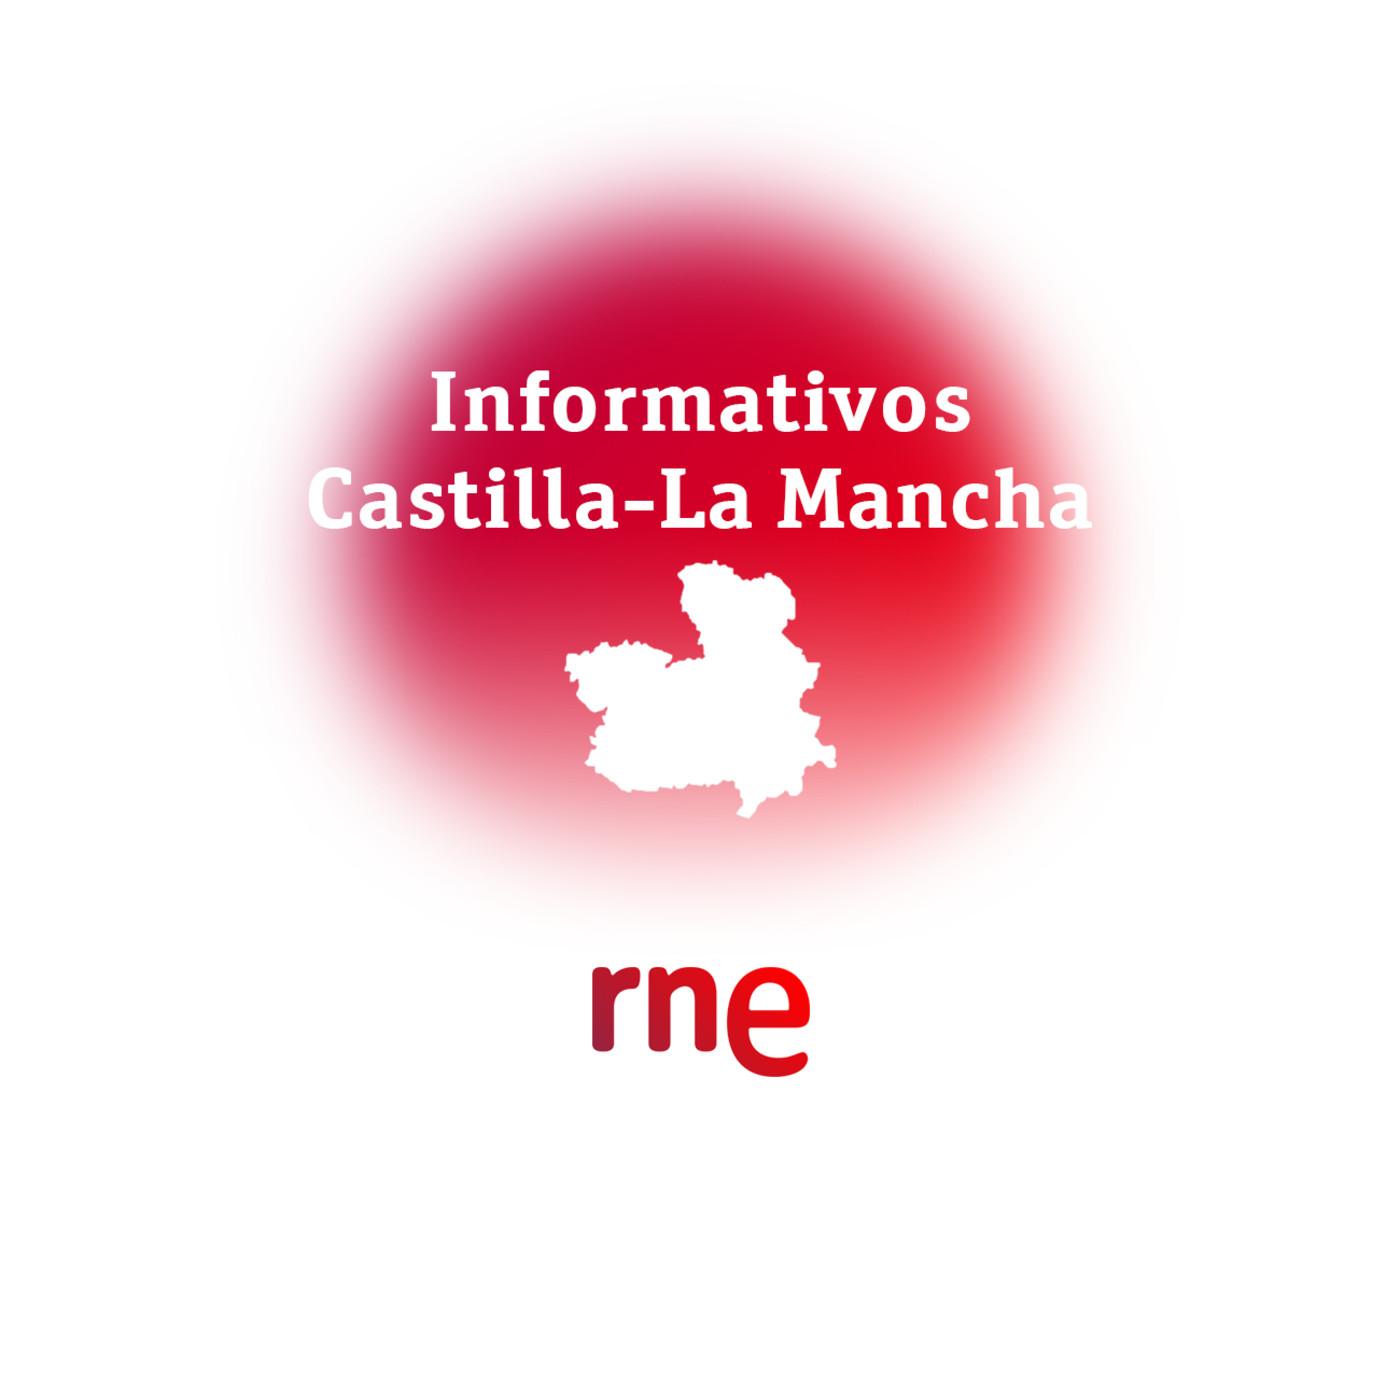 Informativo Ciudad Real - 20/10/20